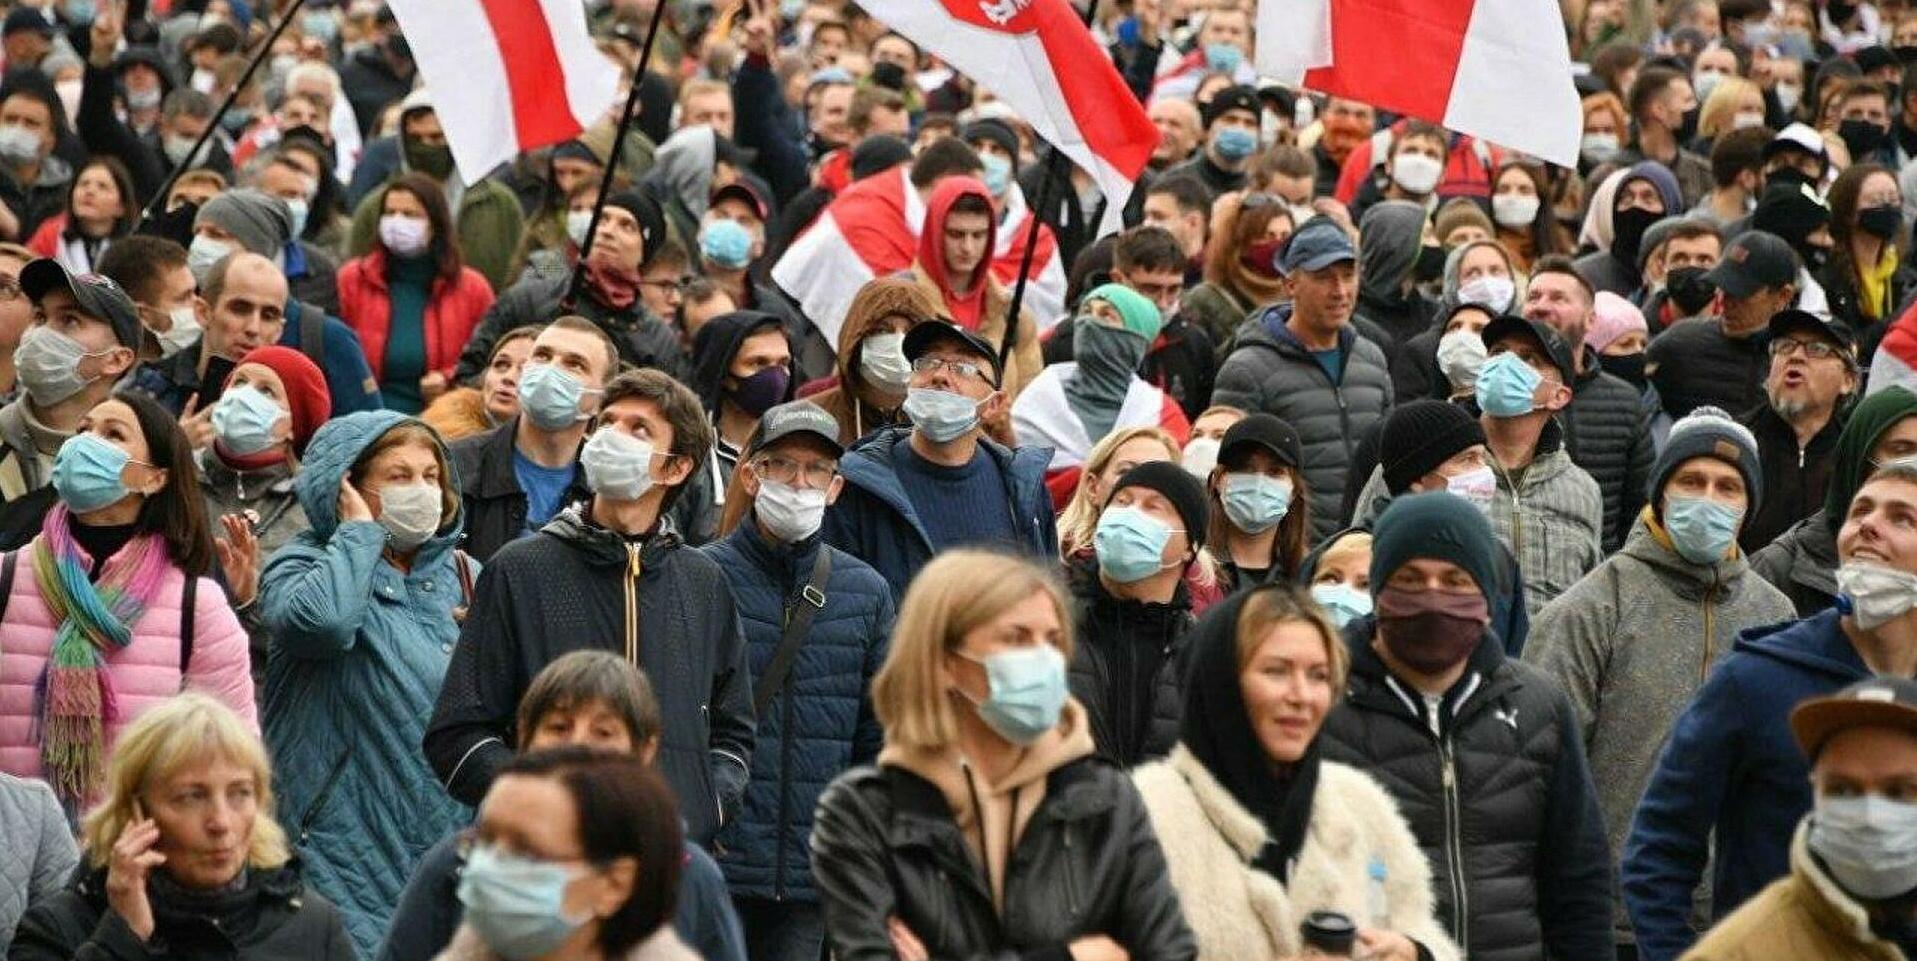 Студенты и пенсионеры Беларуси восстали против Лукашенко - кадры из Минска обошли Сеть